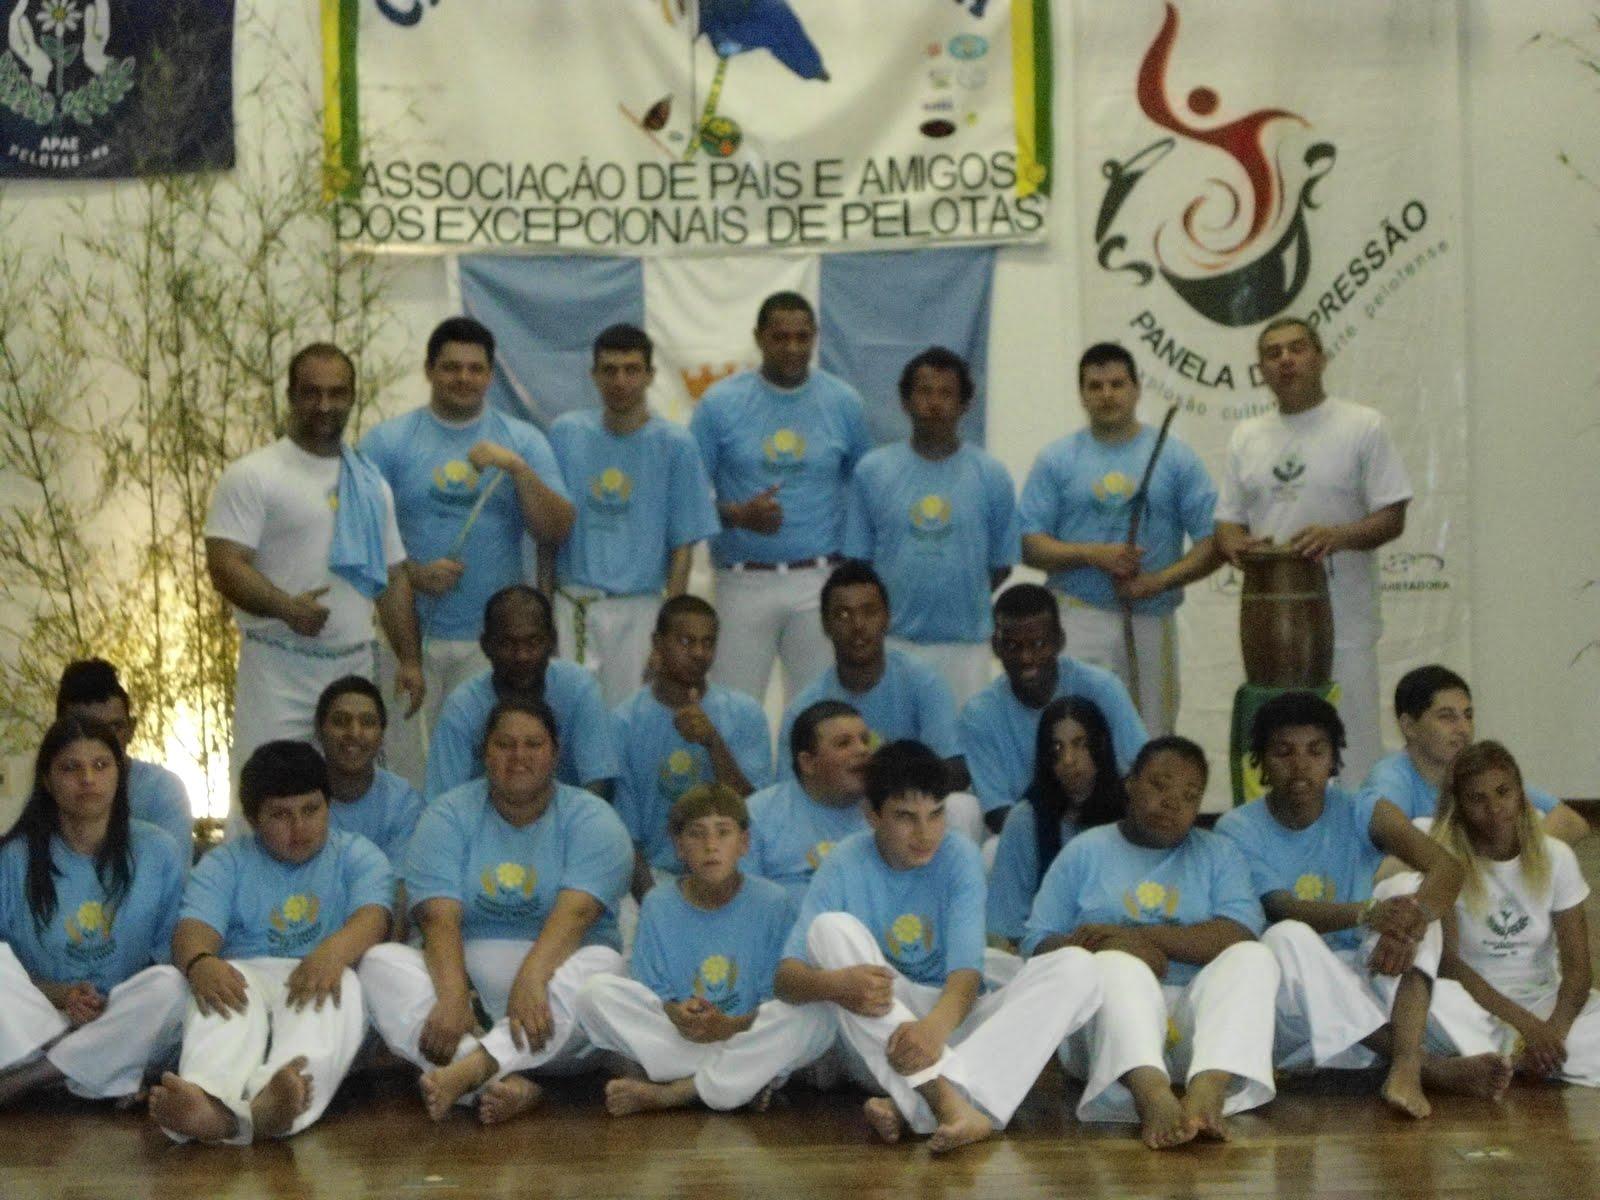 CAPOEIRA APAEANA 2013